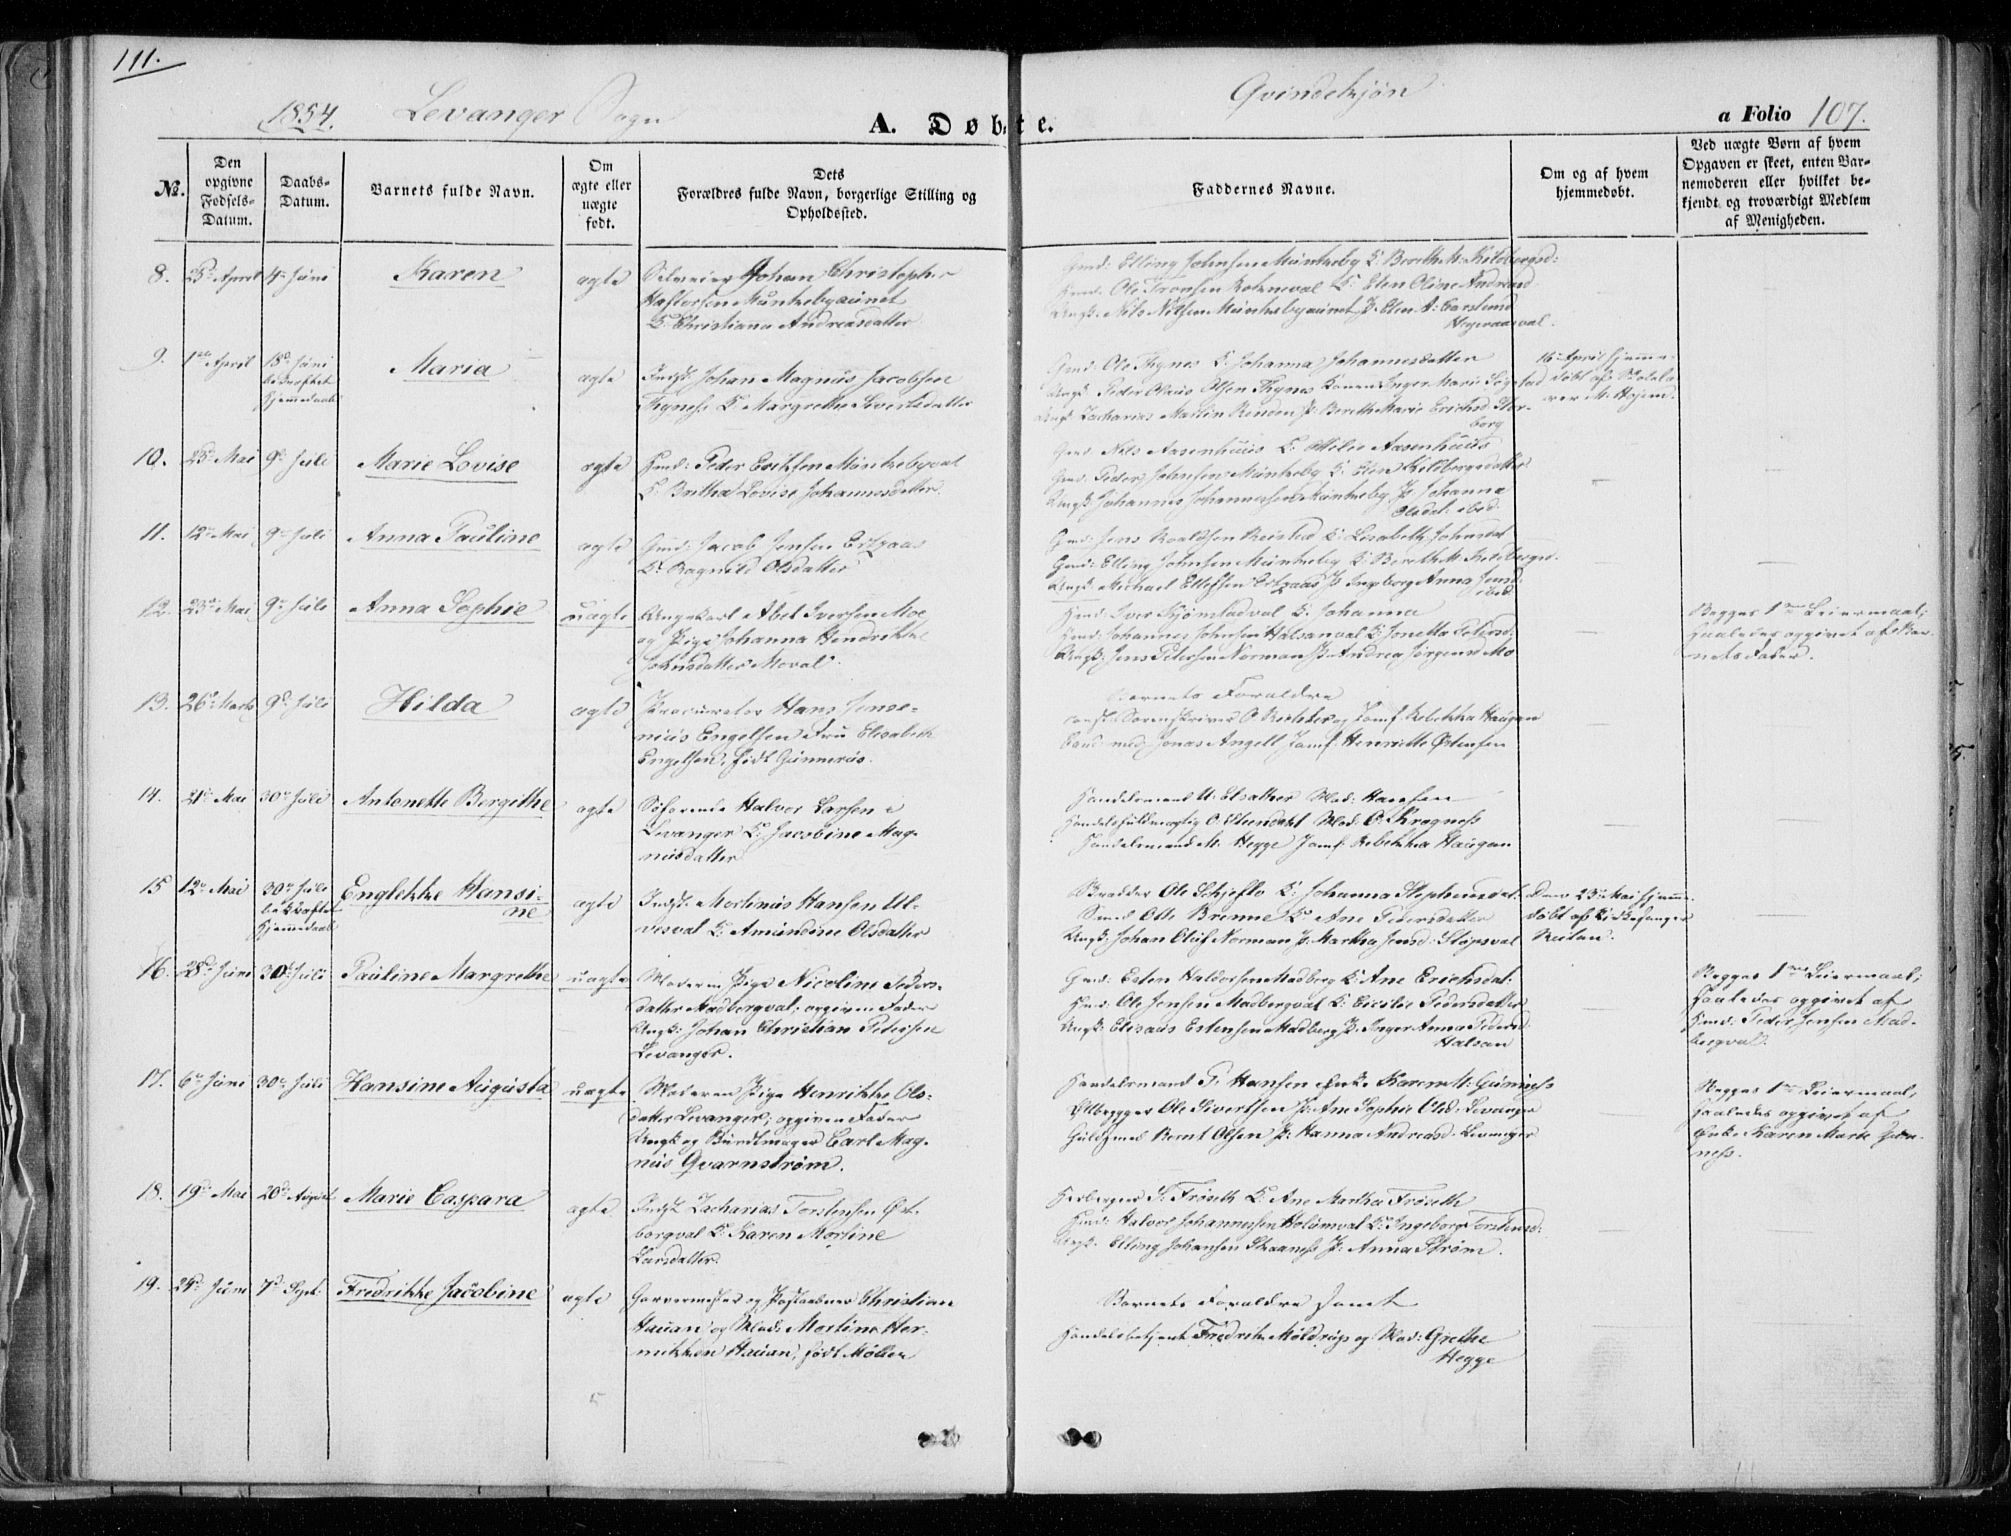 SAT, Ministerialprotokoller, klokkerbøker og fødselsregistre - Nord-Trøndelag, 720/L0183: Ministerialbok nr. 720A01, 1836-1855, s. 107